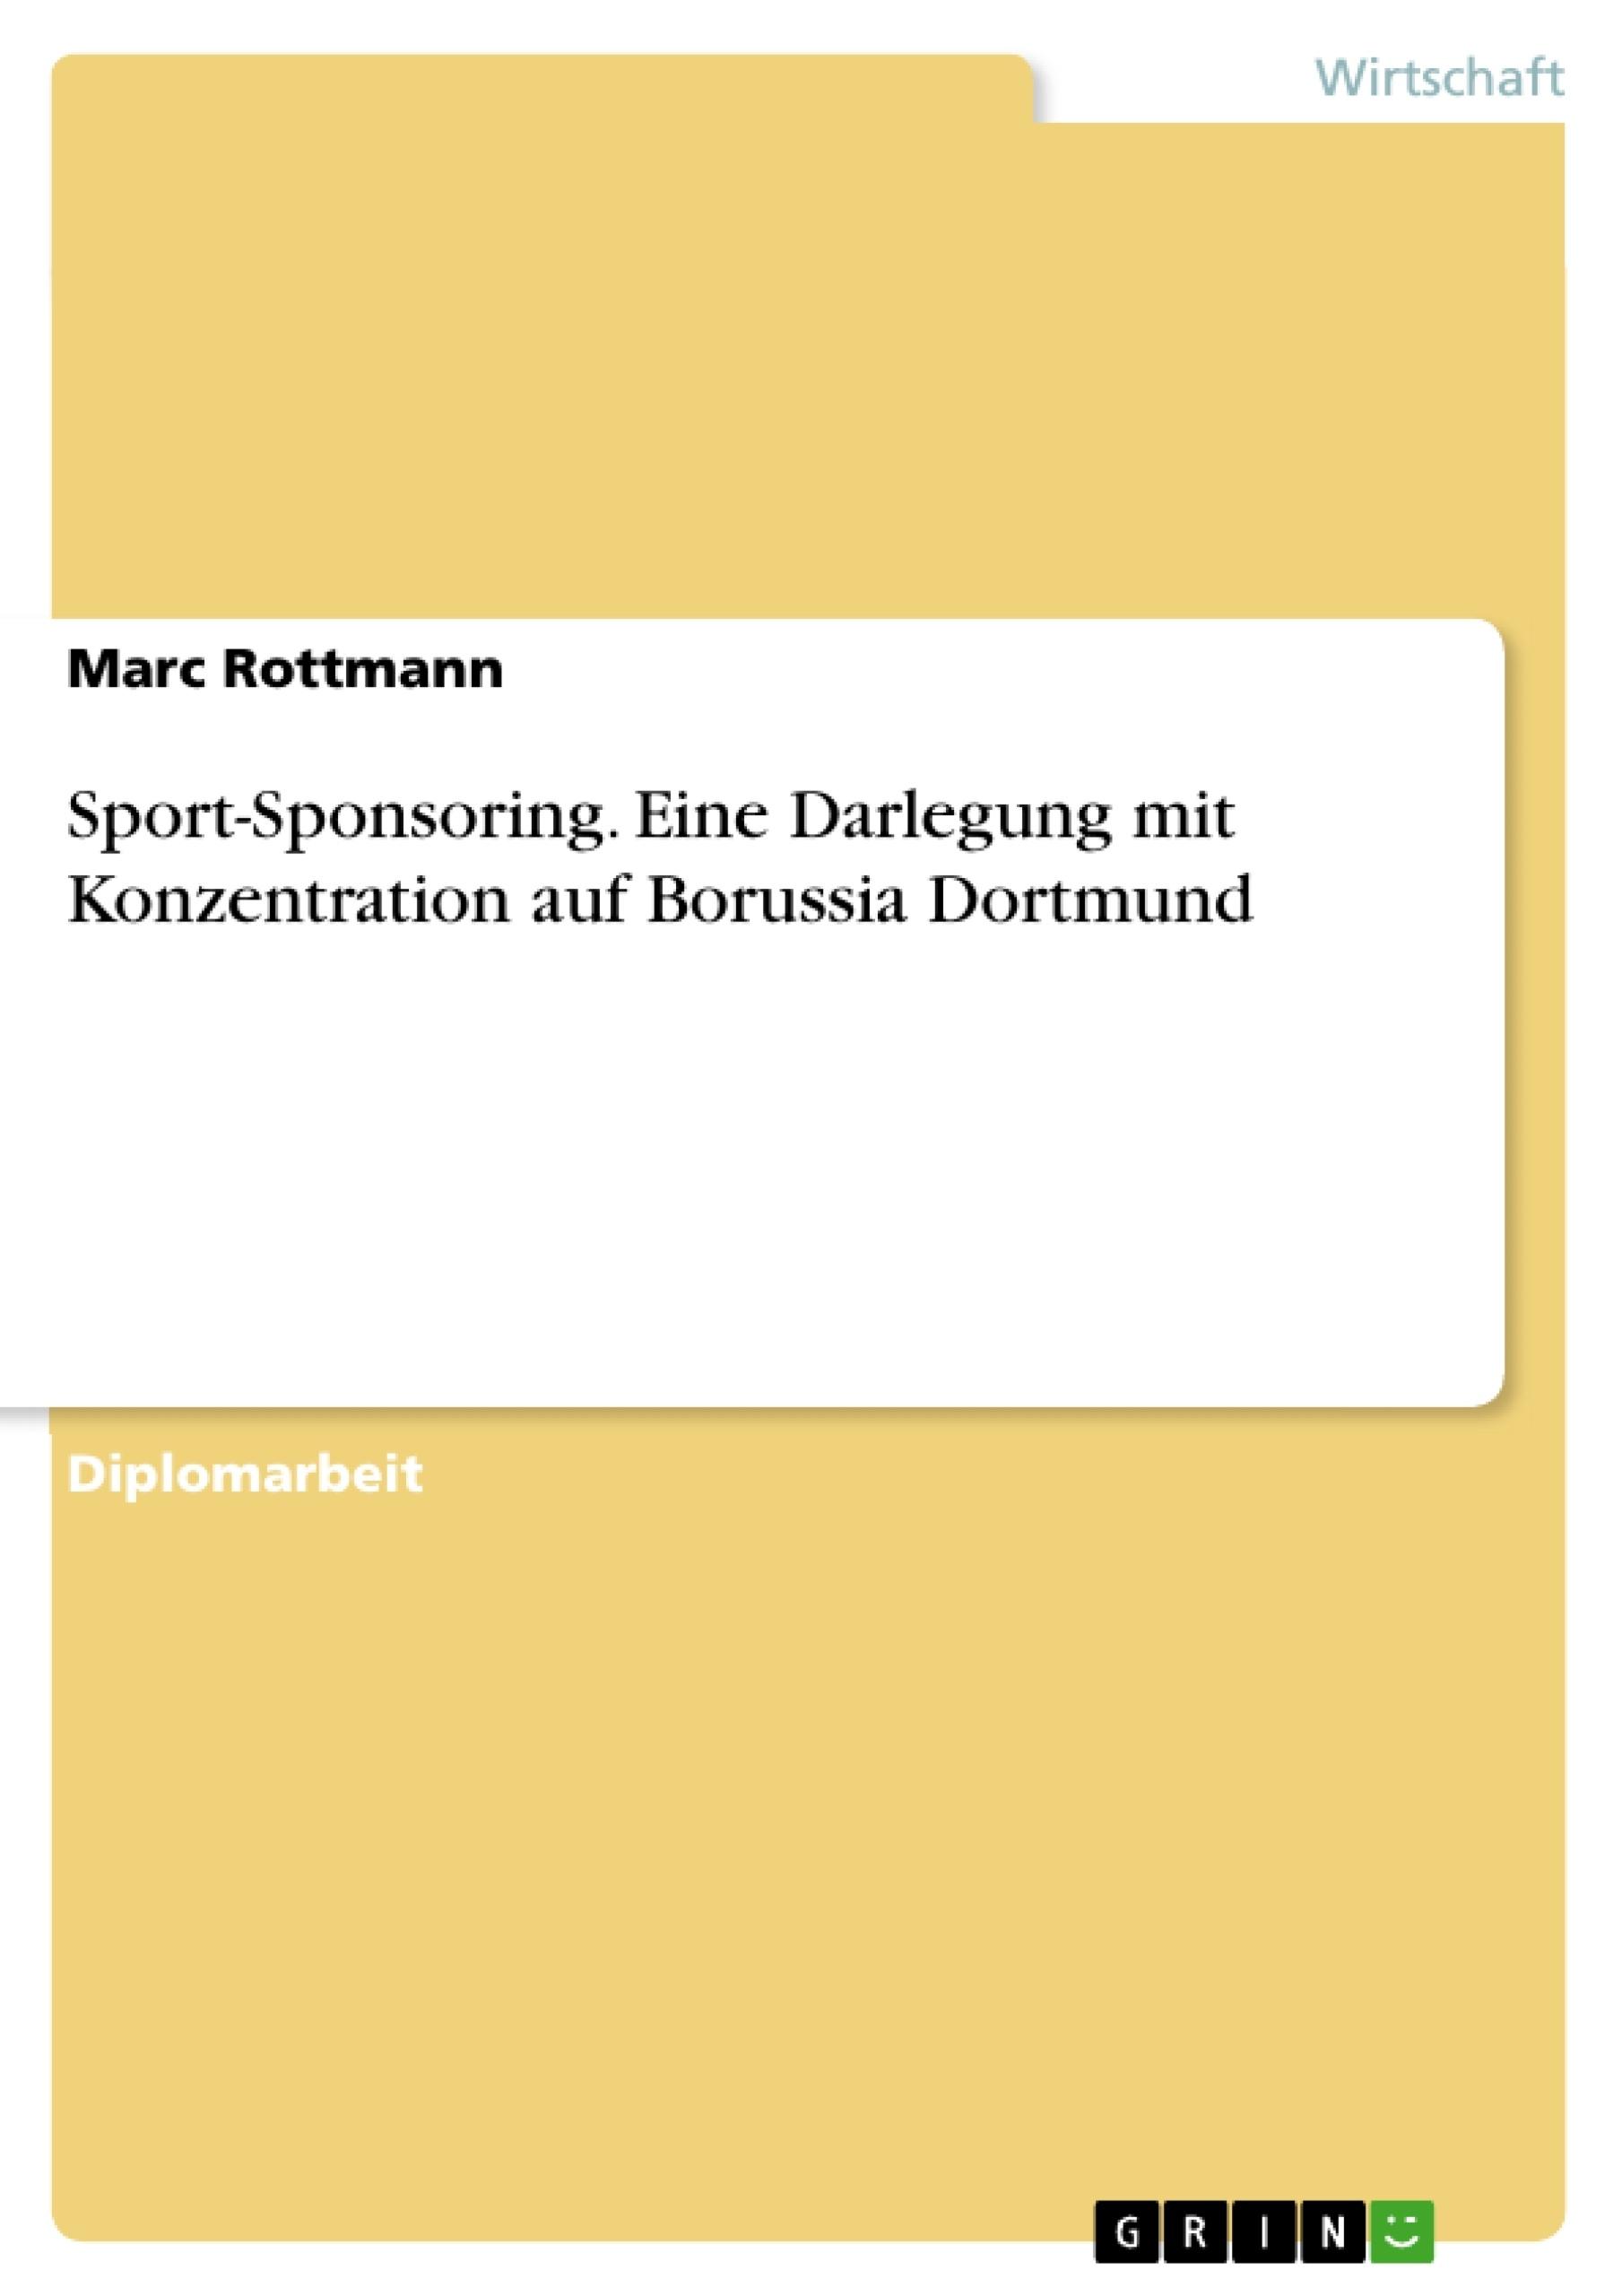 Titel: Sport-Sponsoring. Eine Darlegung mit Konzentration auf Borussia Dortmund